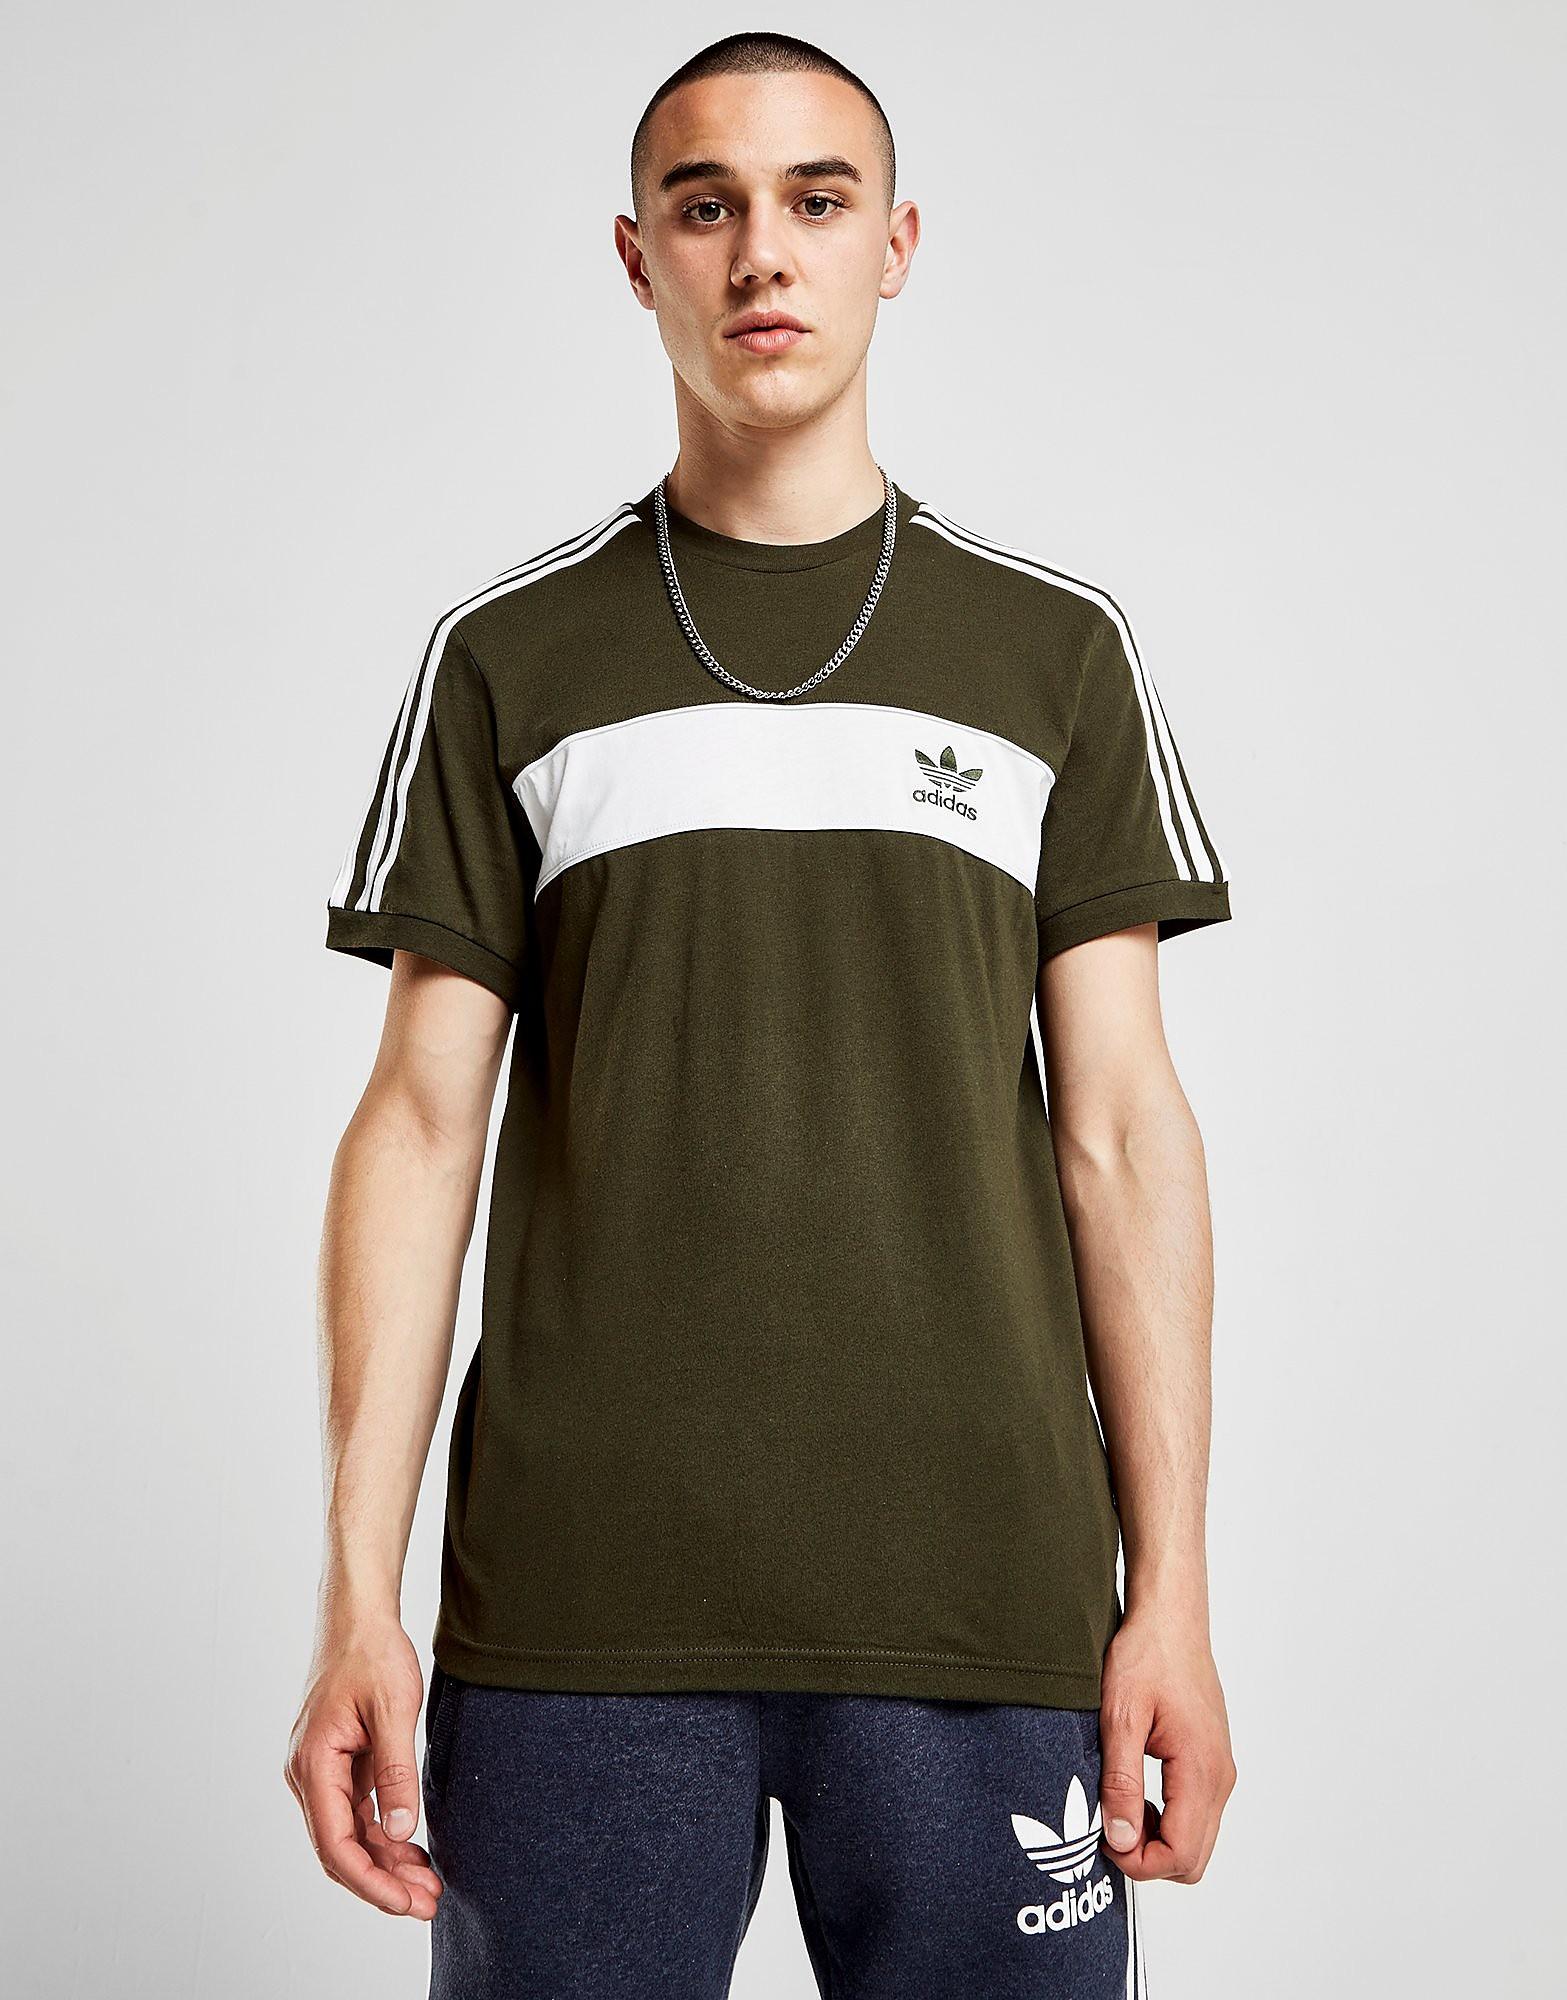 adidas Originals Hamburg T-Shirt Herre